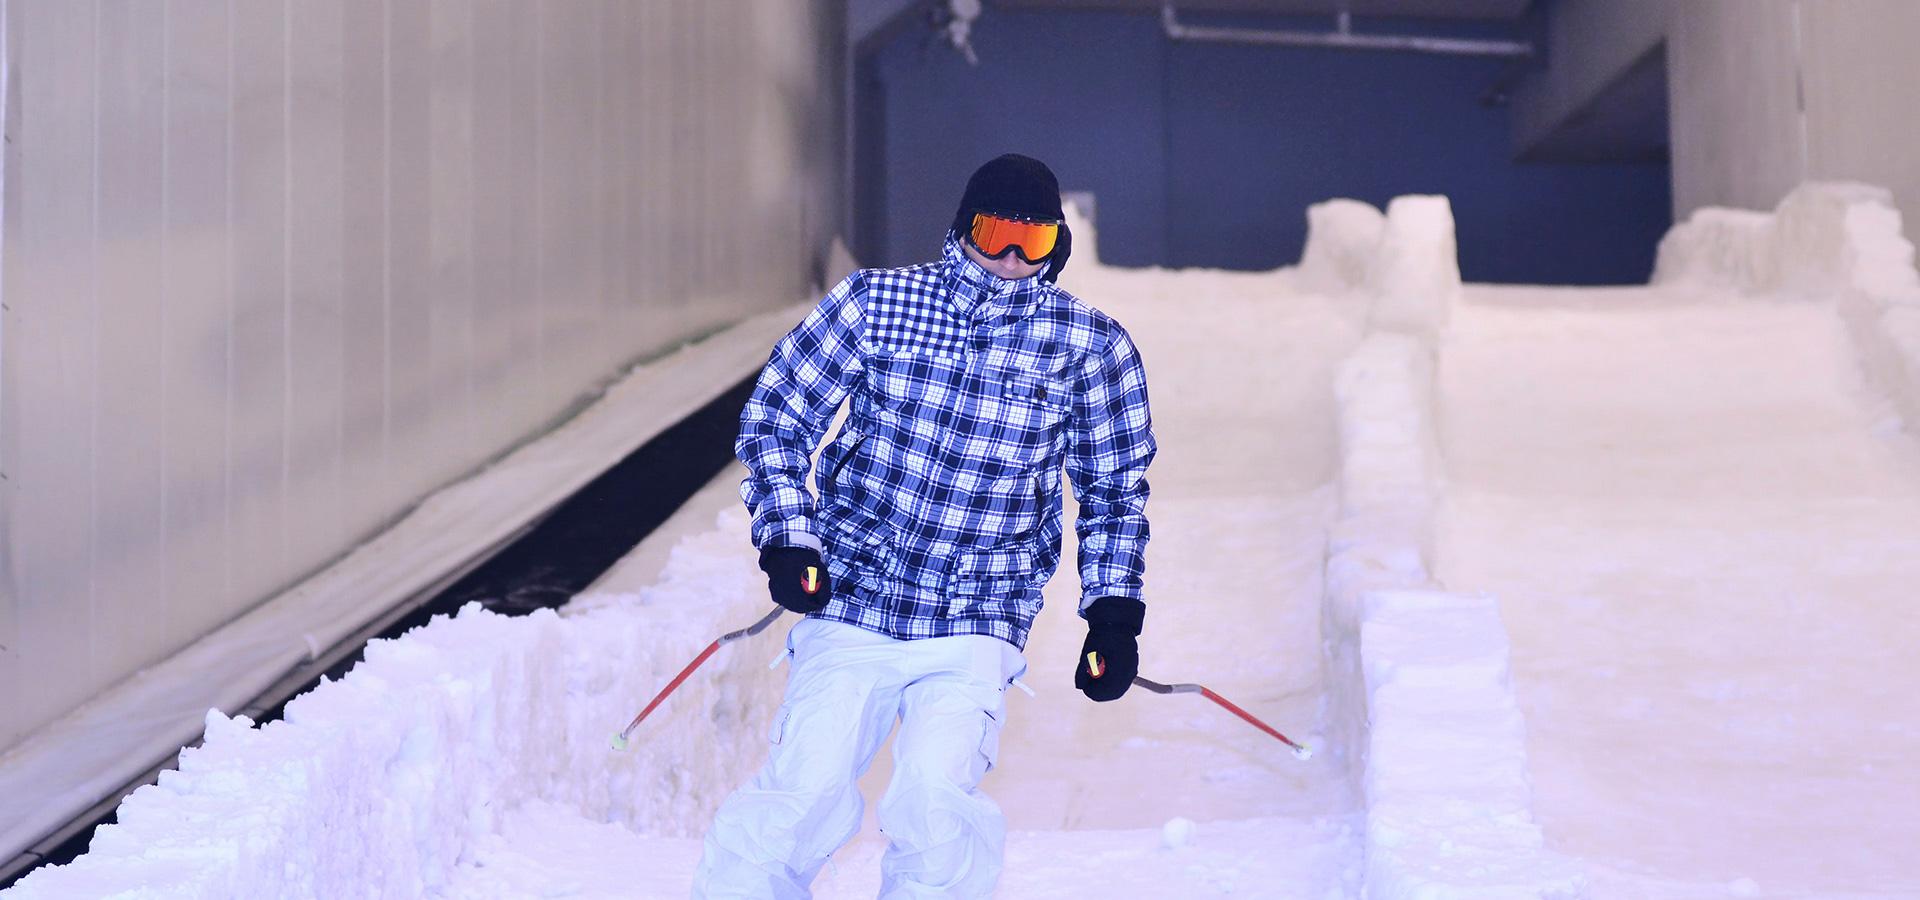 مول الإمارات يحتضن مسابقتي التزلج 15 أغسطس المقبل